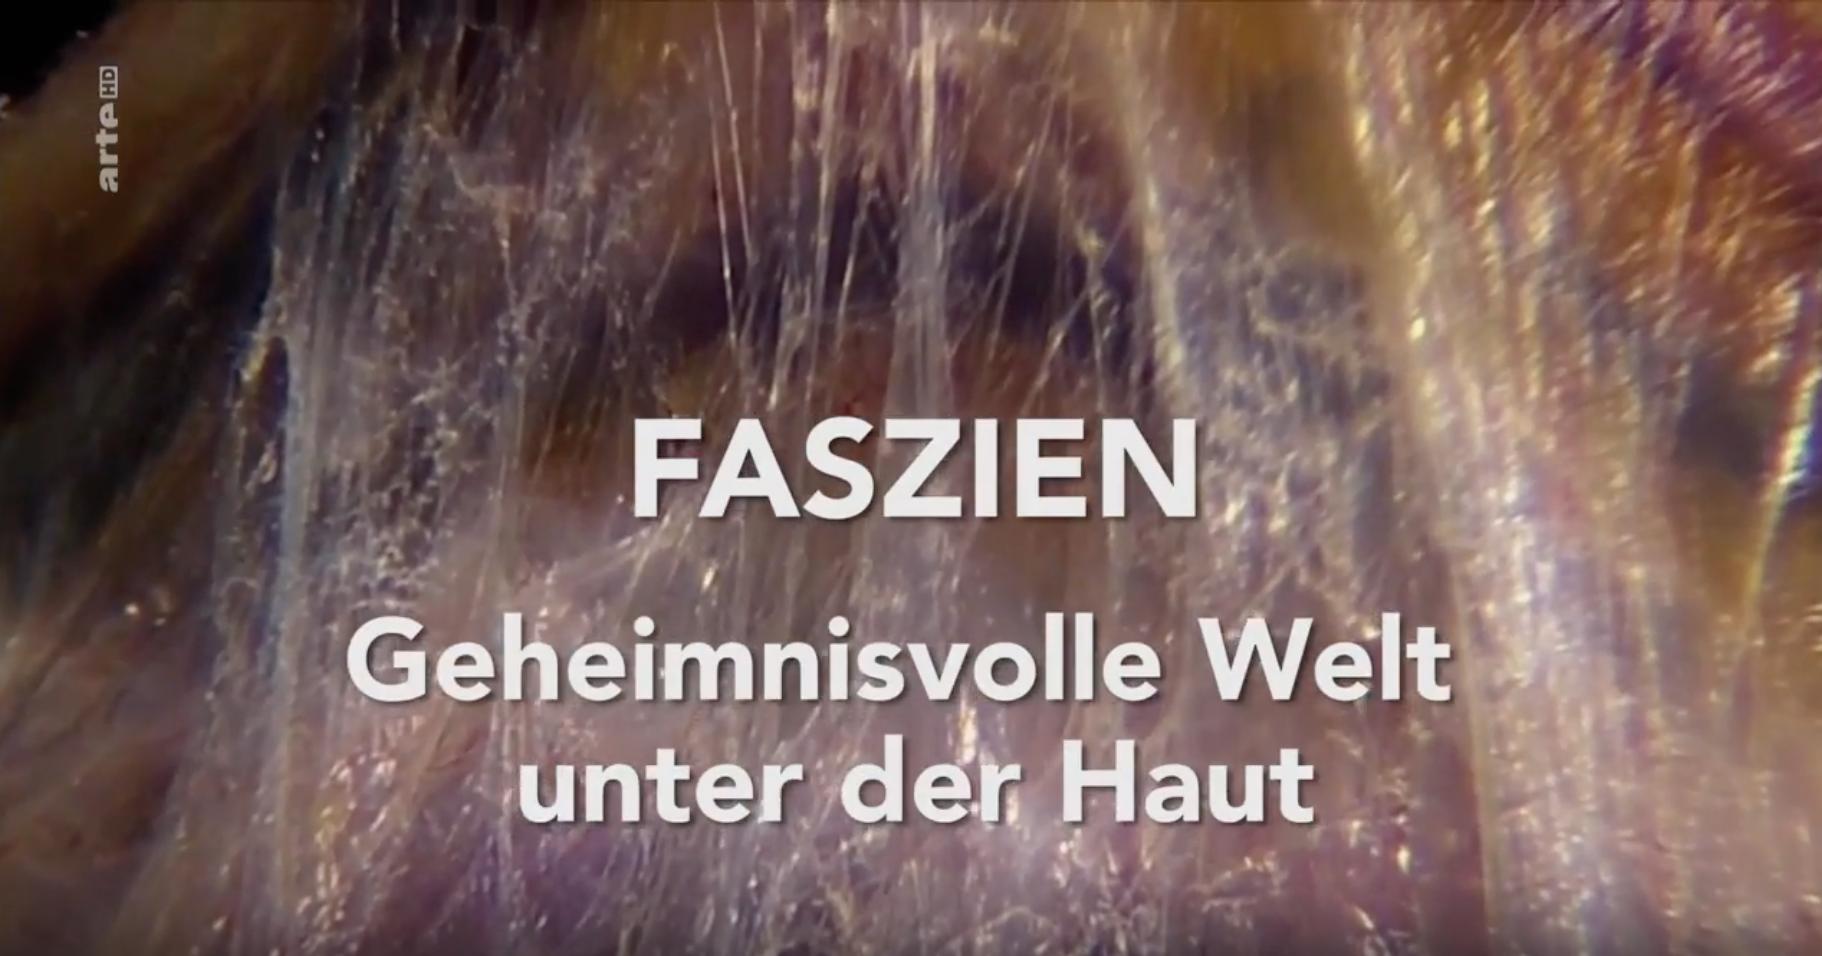 Faszien – Geheimnisvolle Welt unter der Haut